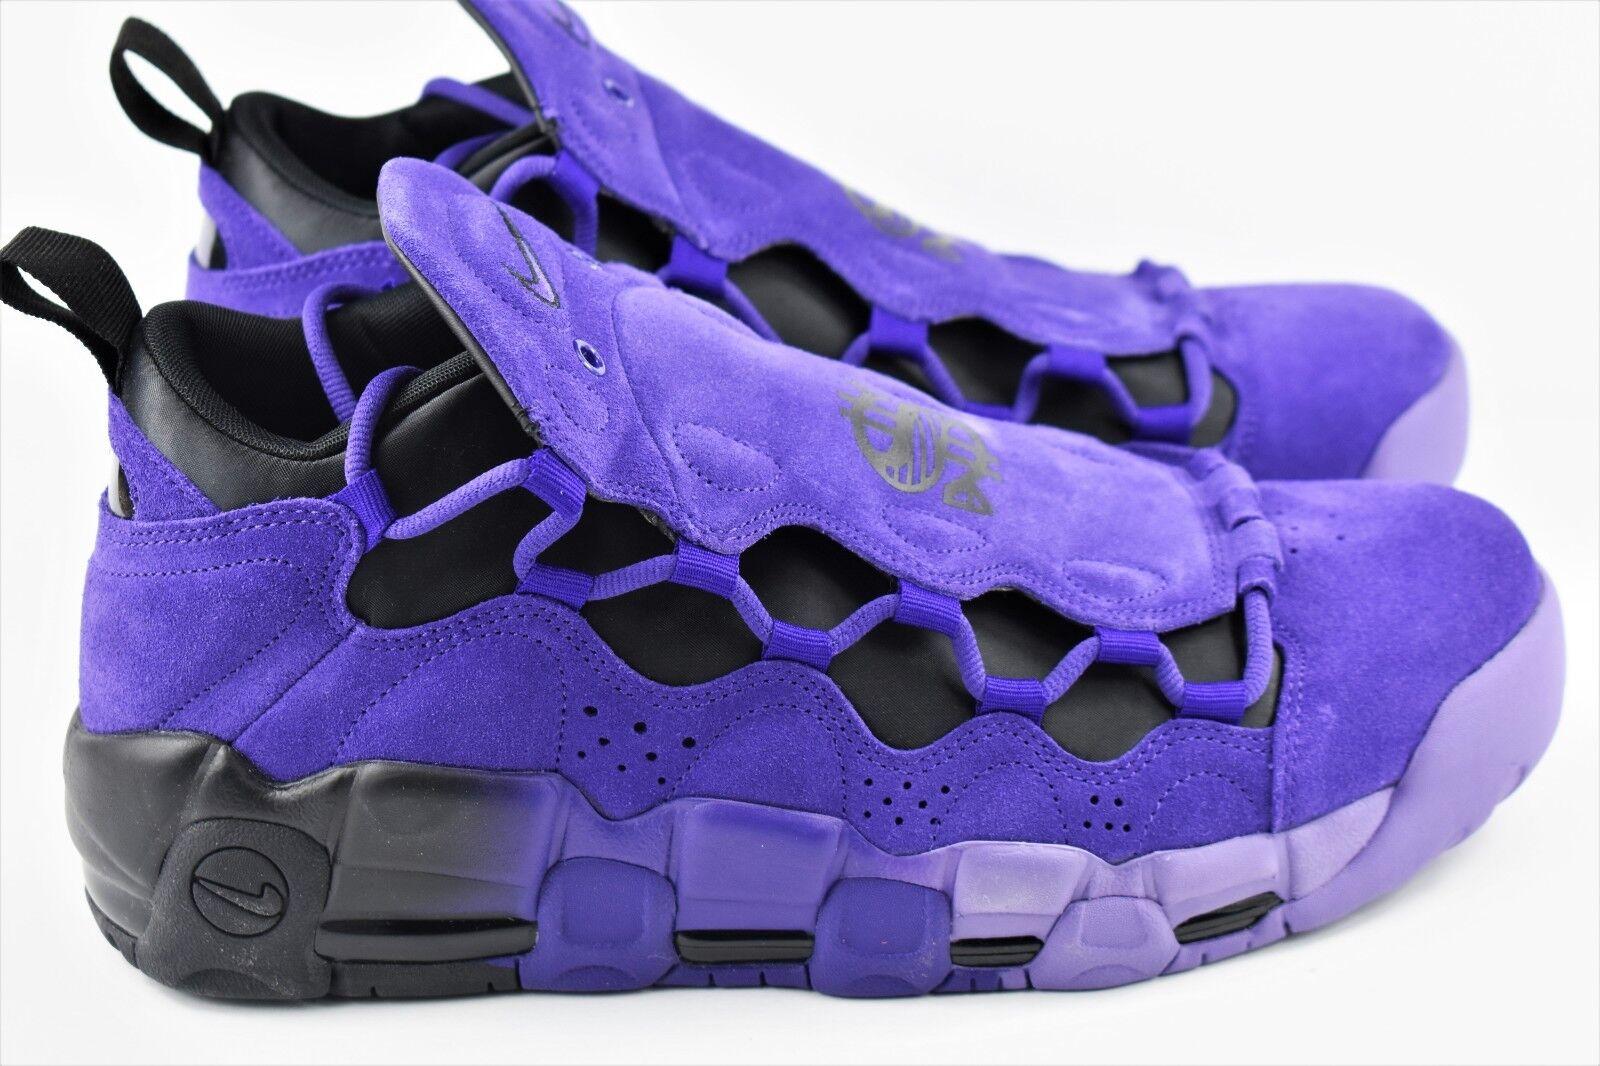 Nike Air More Money QS PRPL Mens Multi Size shoes Court Purple AQ2177 500